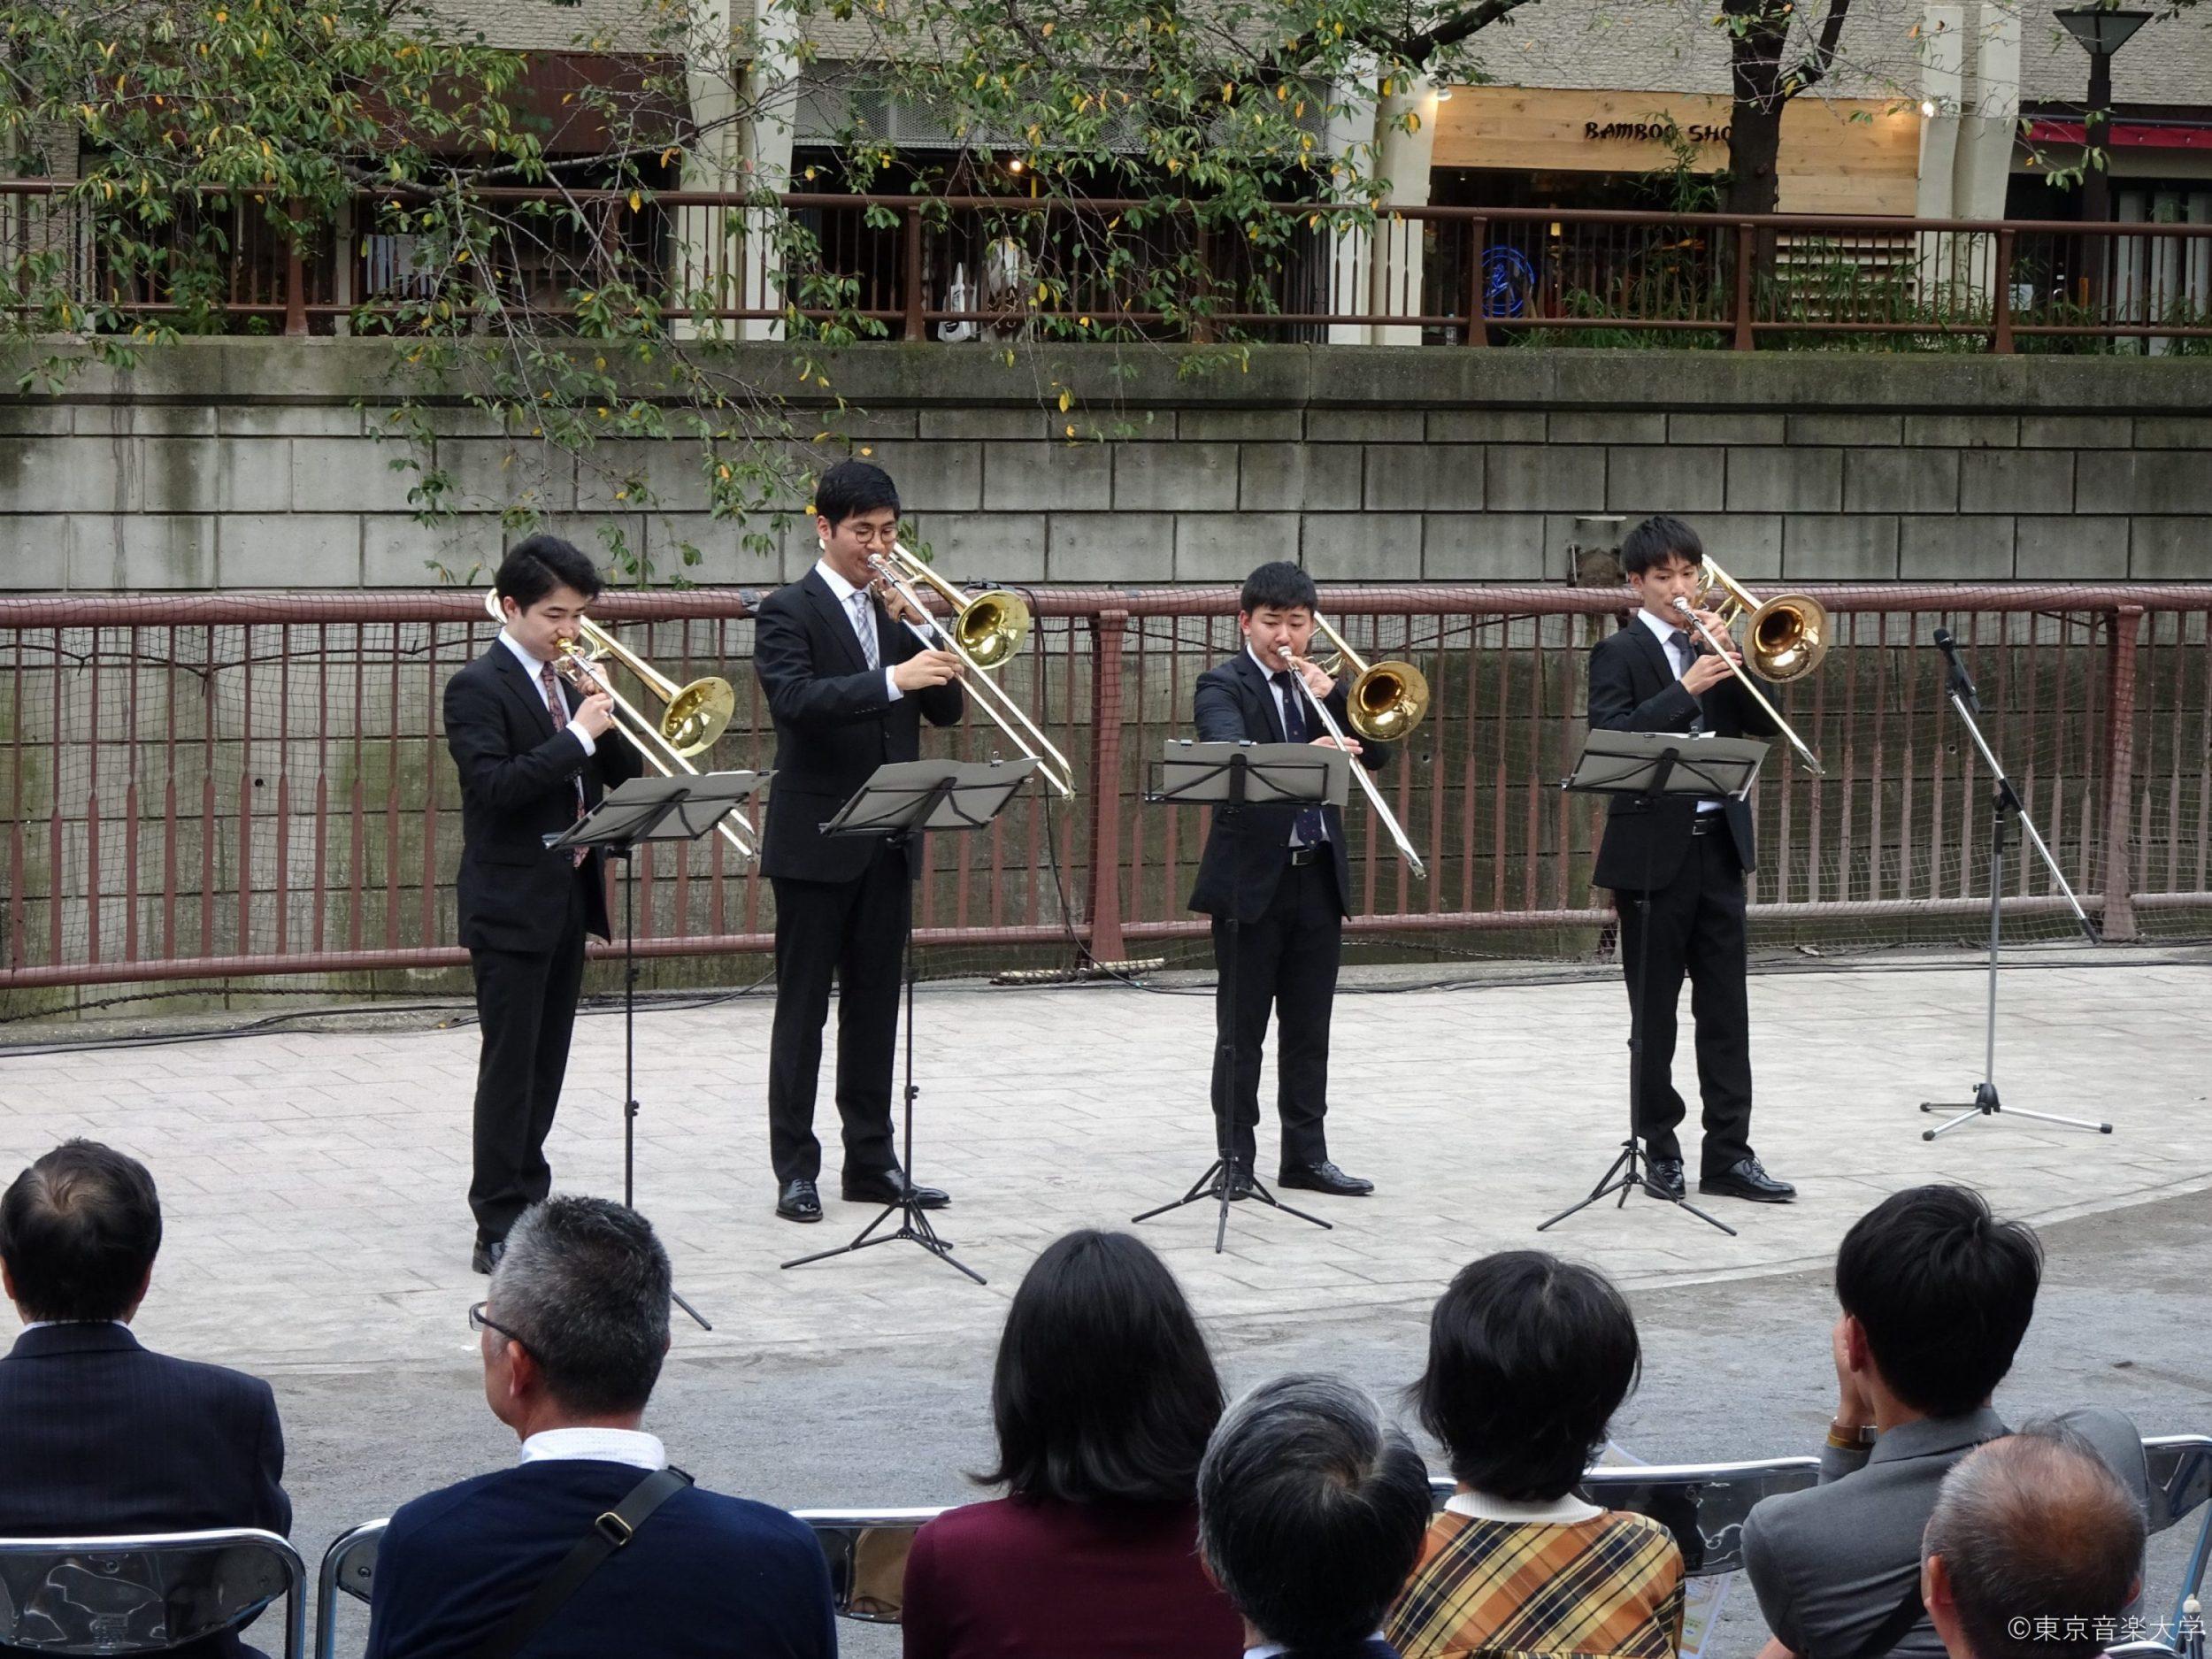 中目黒商店街連合会主催「なかめオータムフェスタ2019」